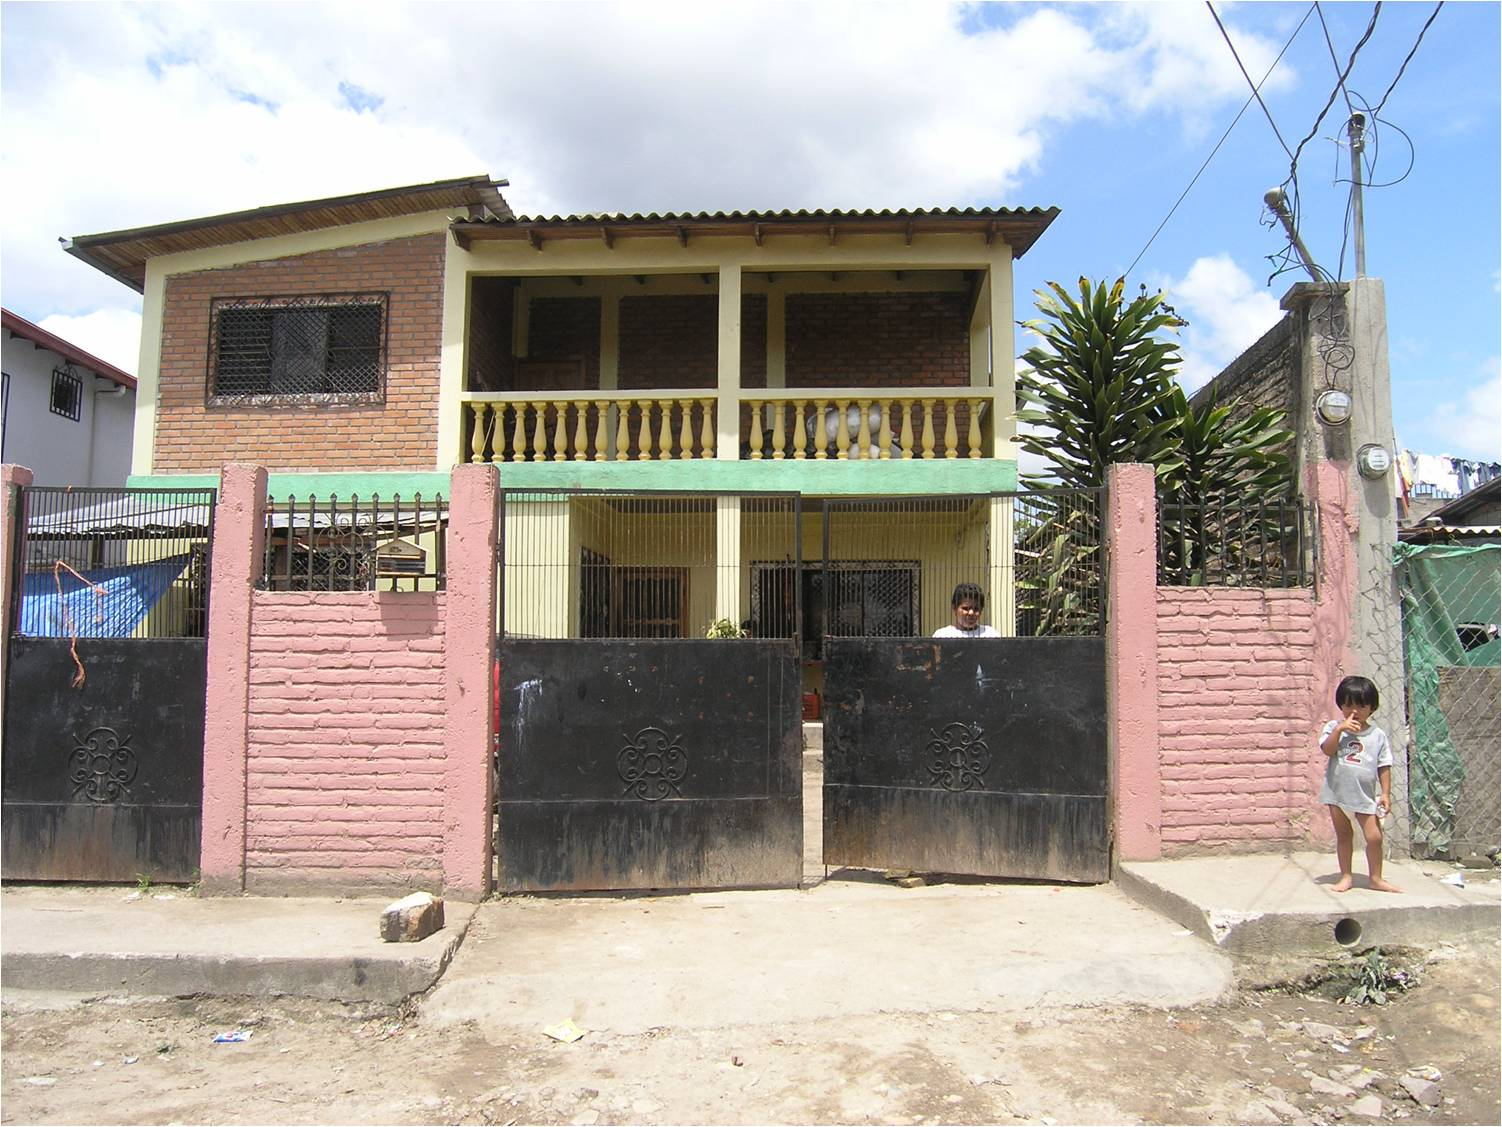 Venta de Casas en Siguatepeque Comayagua  Venta de Casas y Terrenos en Honduras Siguatepeque La Esperanza